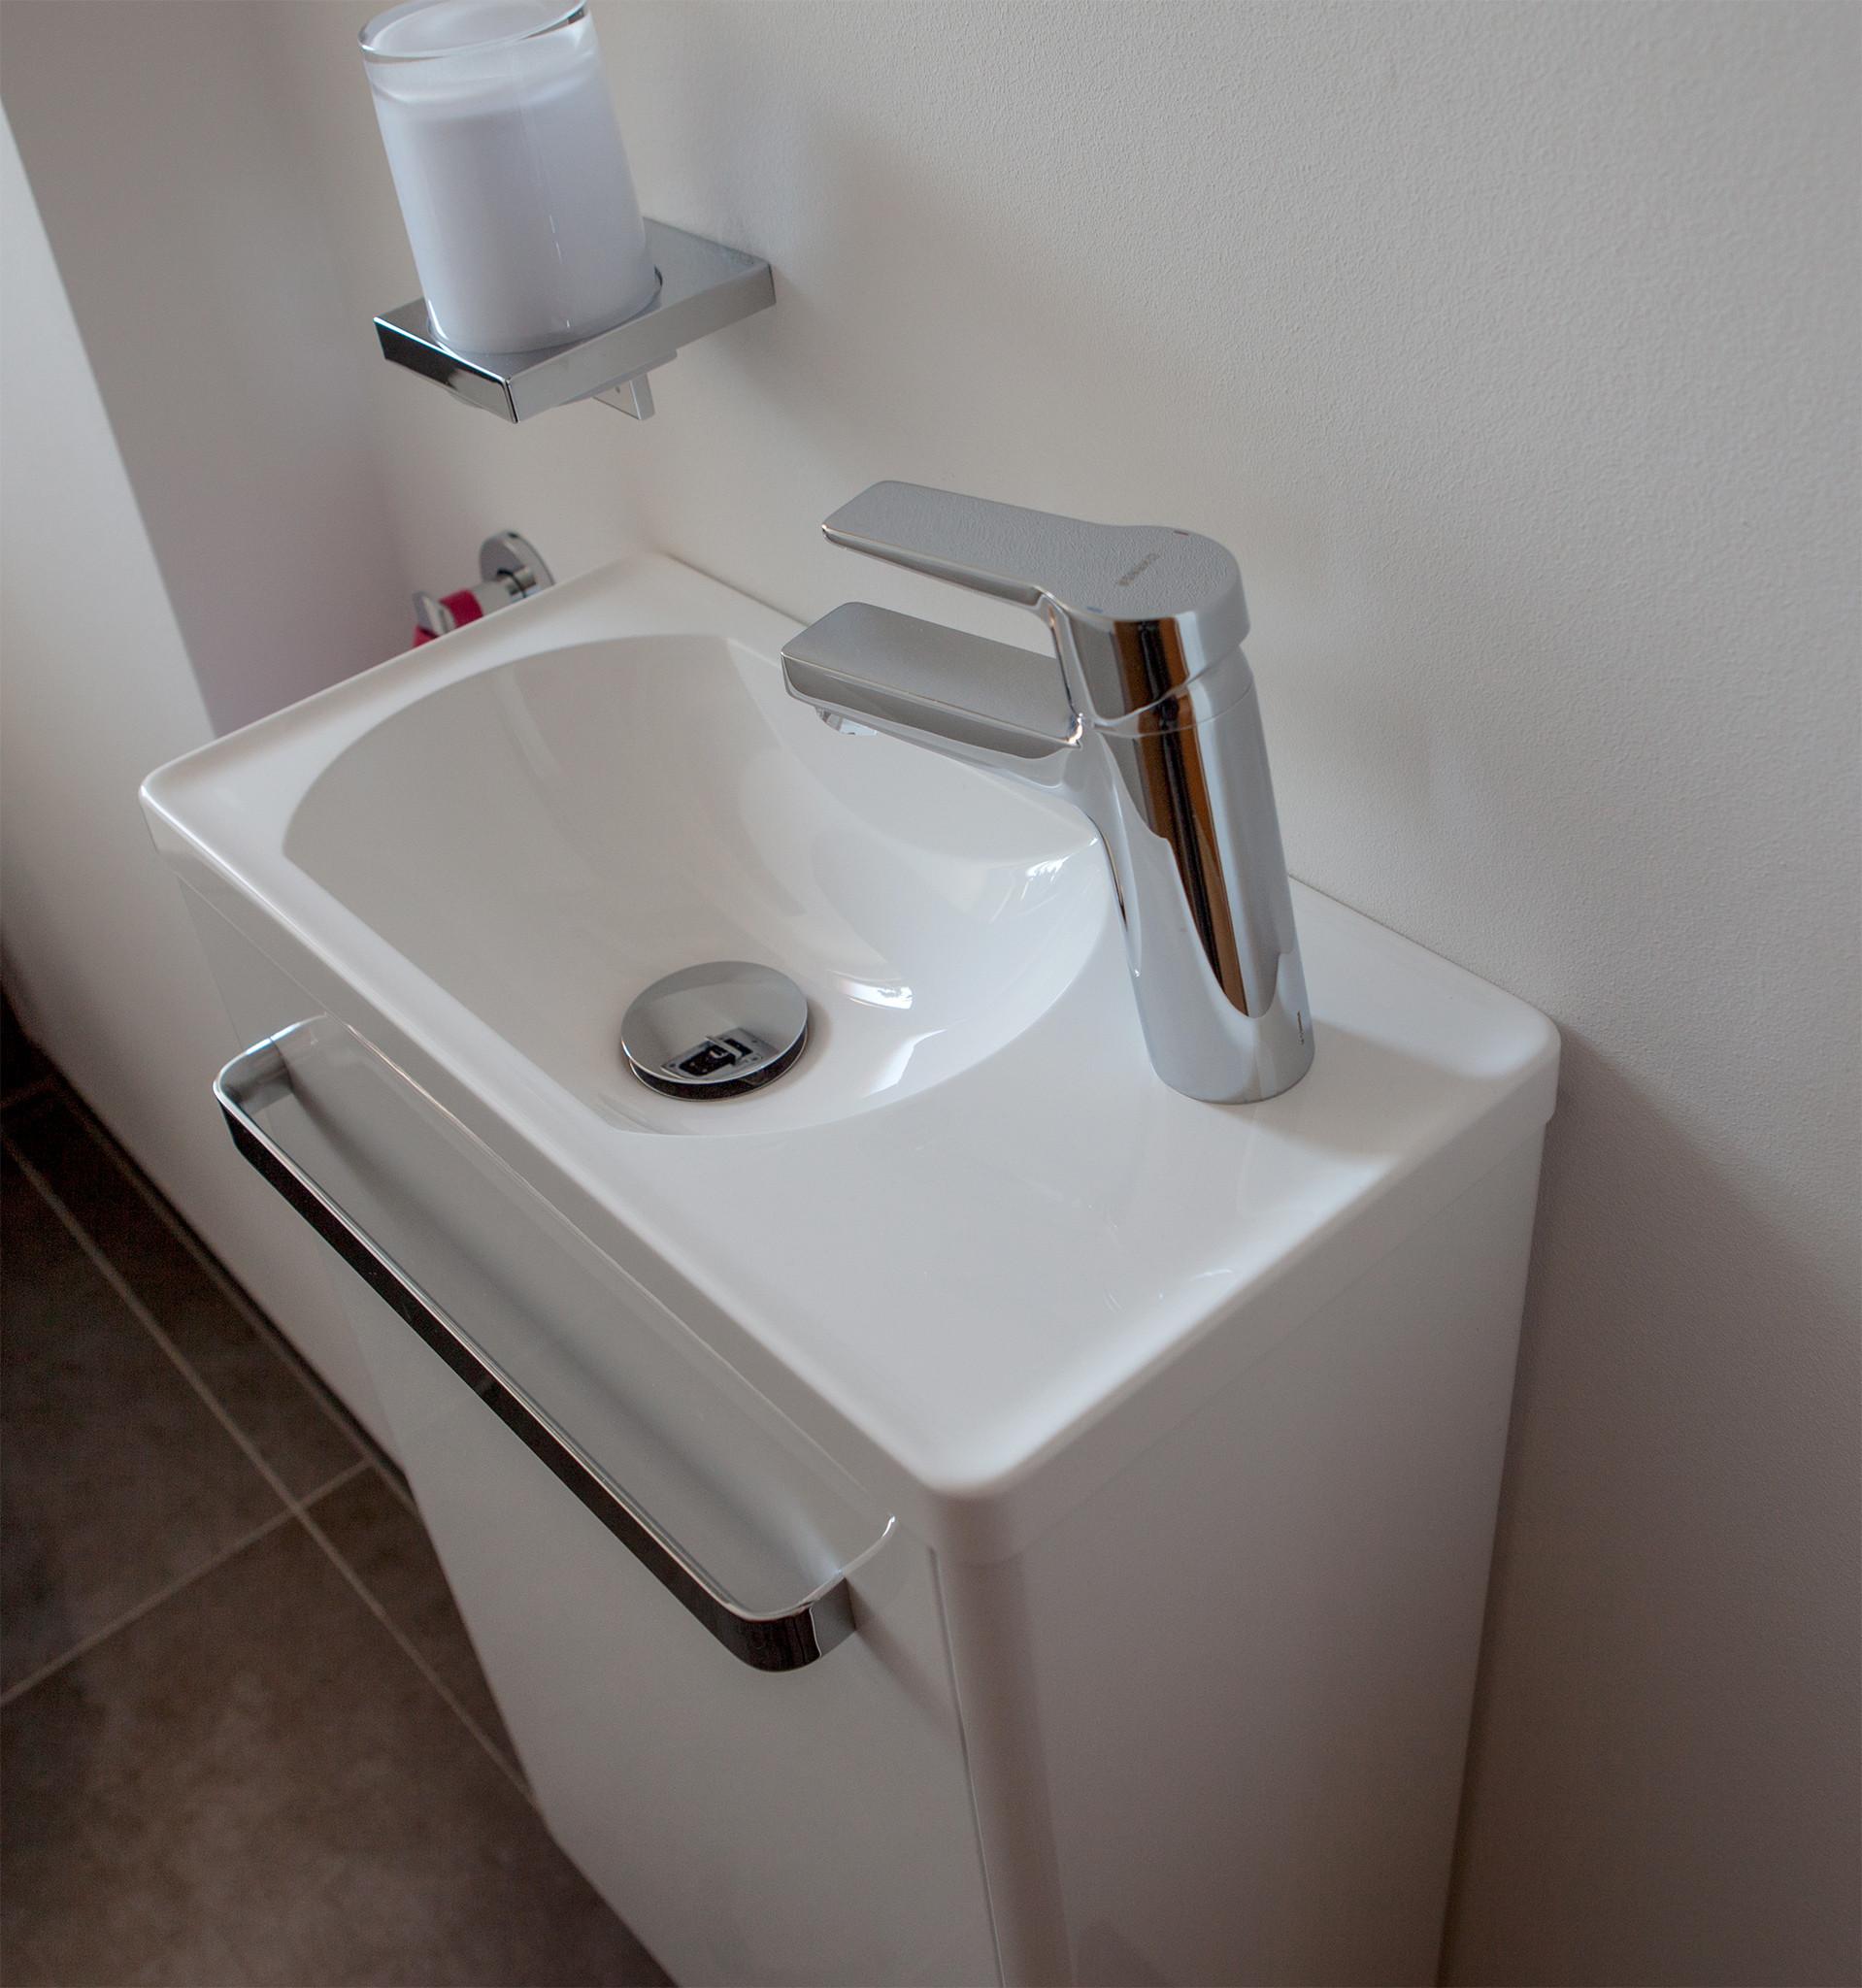 Gäste Wc Waschtisch  Gäste WC Waschbecken für schmale Toilette